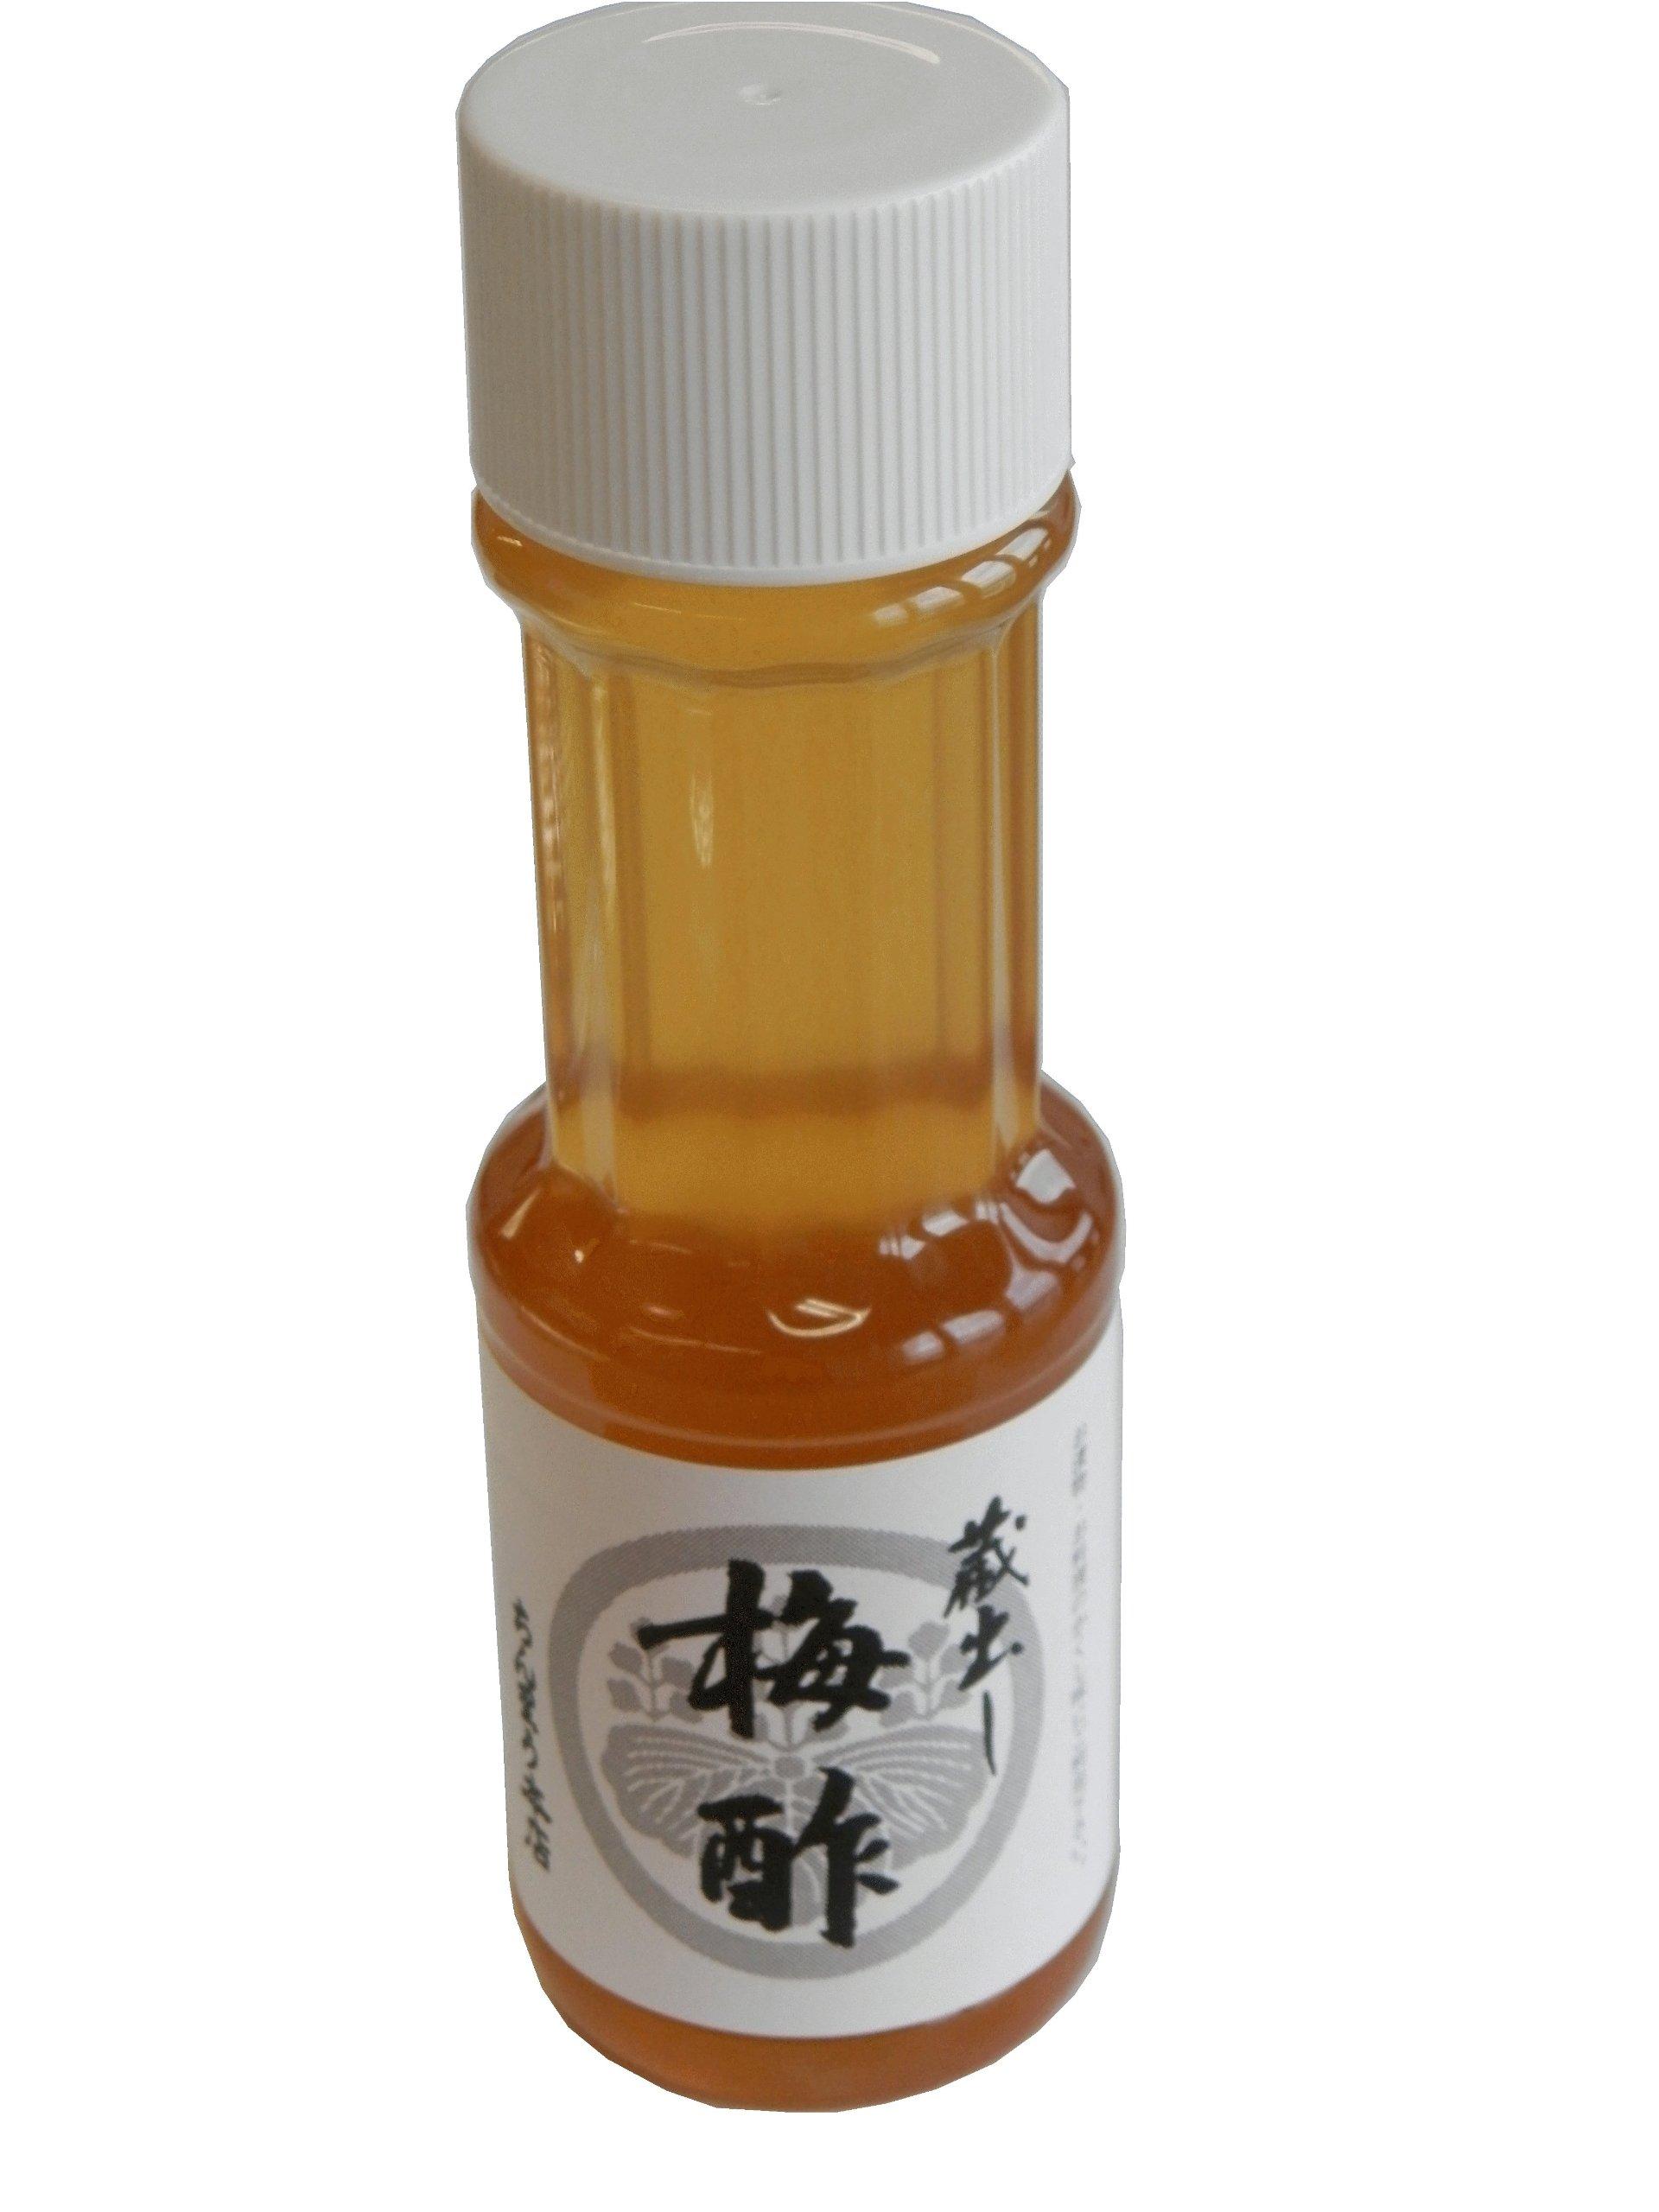 All Natural White Umeboshi Vinegar, 10oz